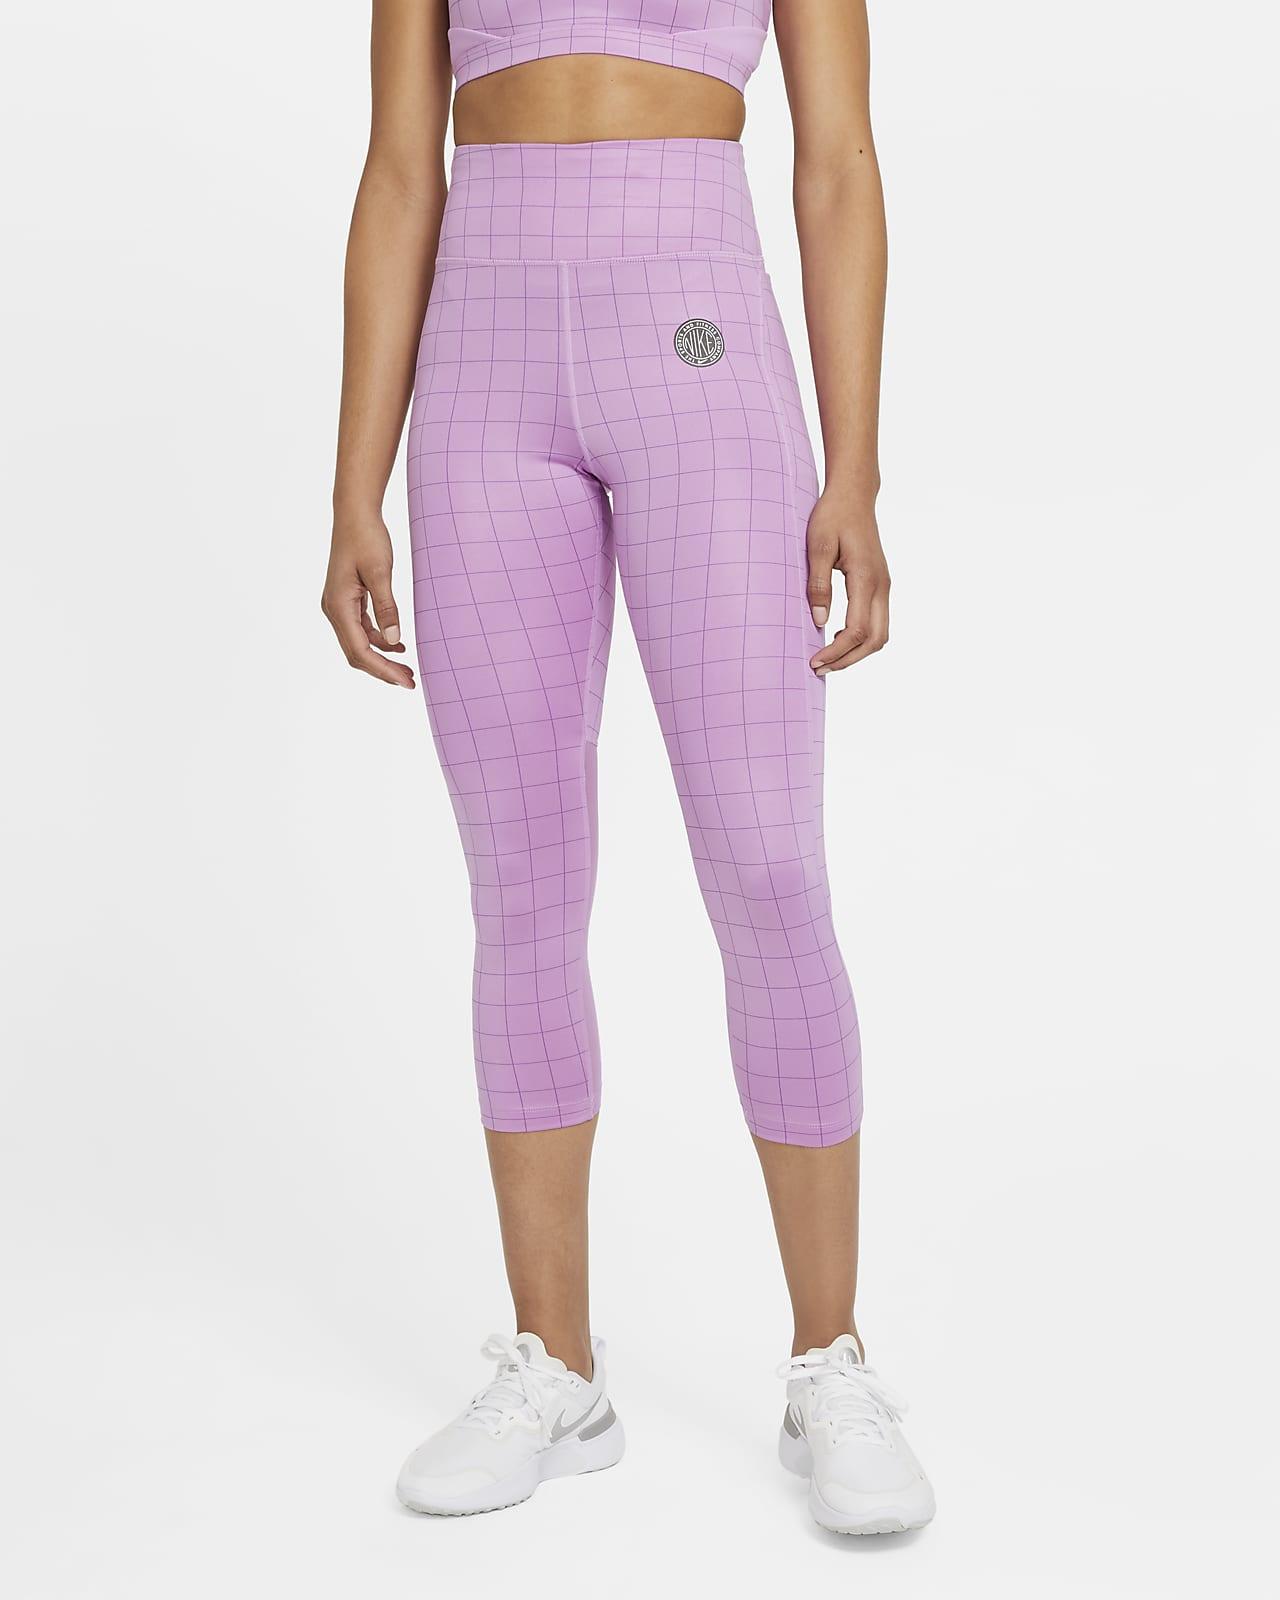 Женские укороченные леггинсы для бега Nike Epic Fast Femme